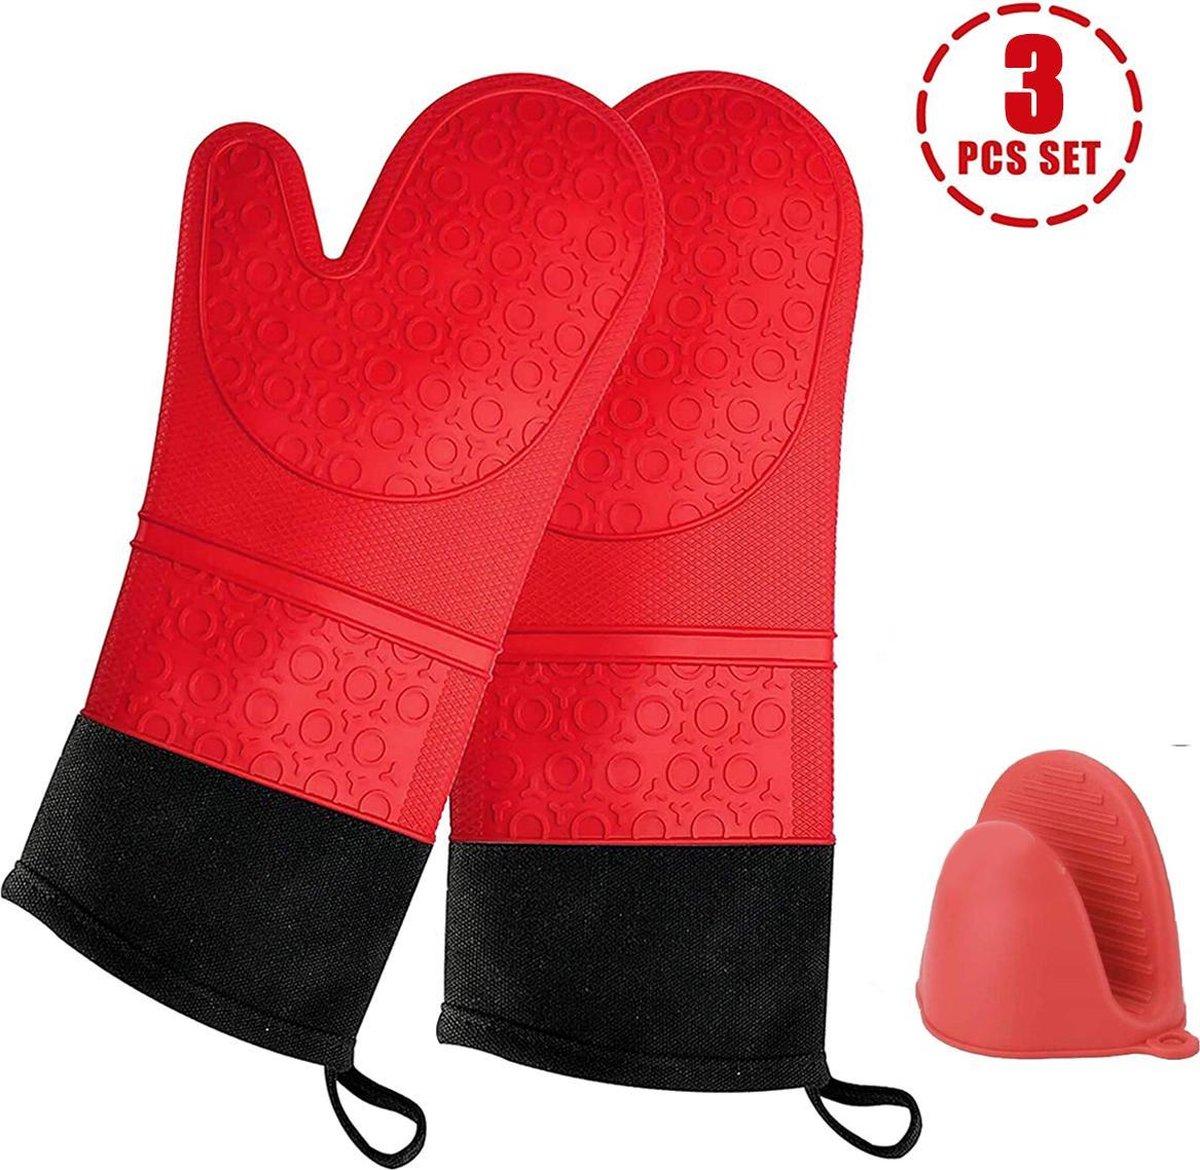 SWILIX ® Ovenwanten 2 stuks - Ovenhandschoenen - Siliconen Ovenwant - BBQ handschoen - Extra Lang -